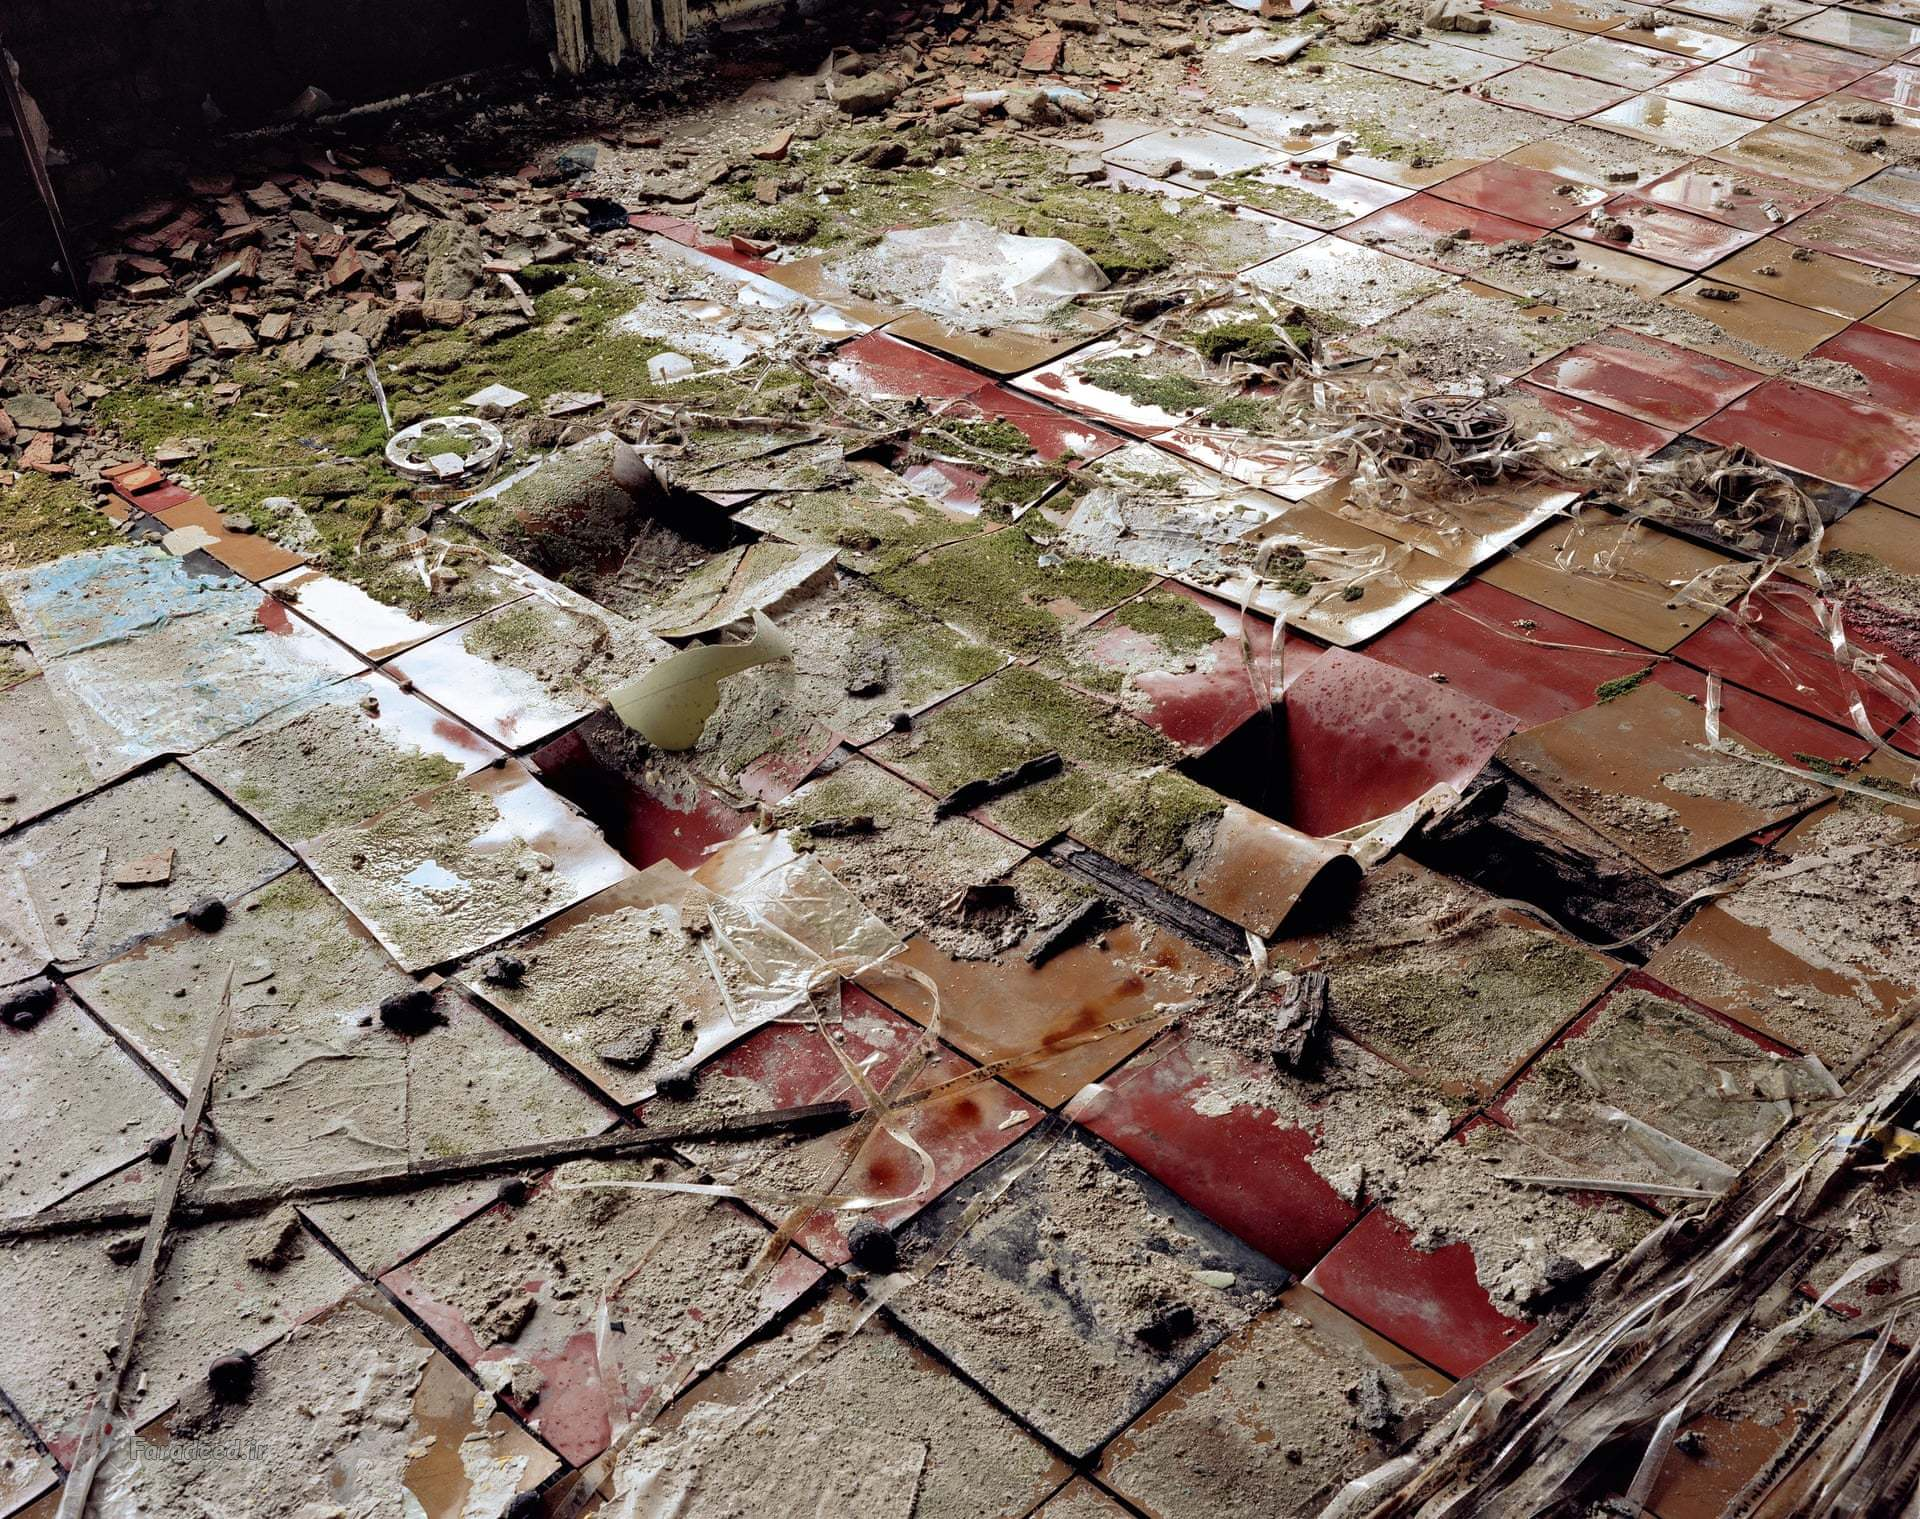 تصاویر/ نگاهی به شهر متروکهی چرنوبیل در گذر زمان